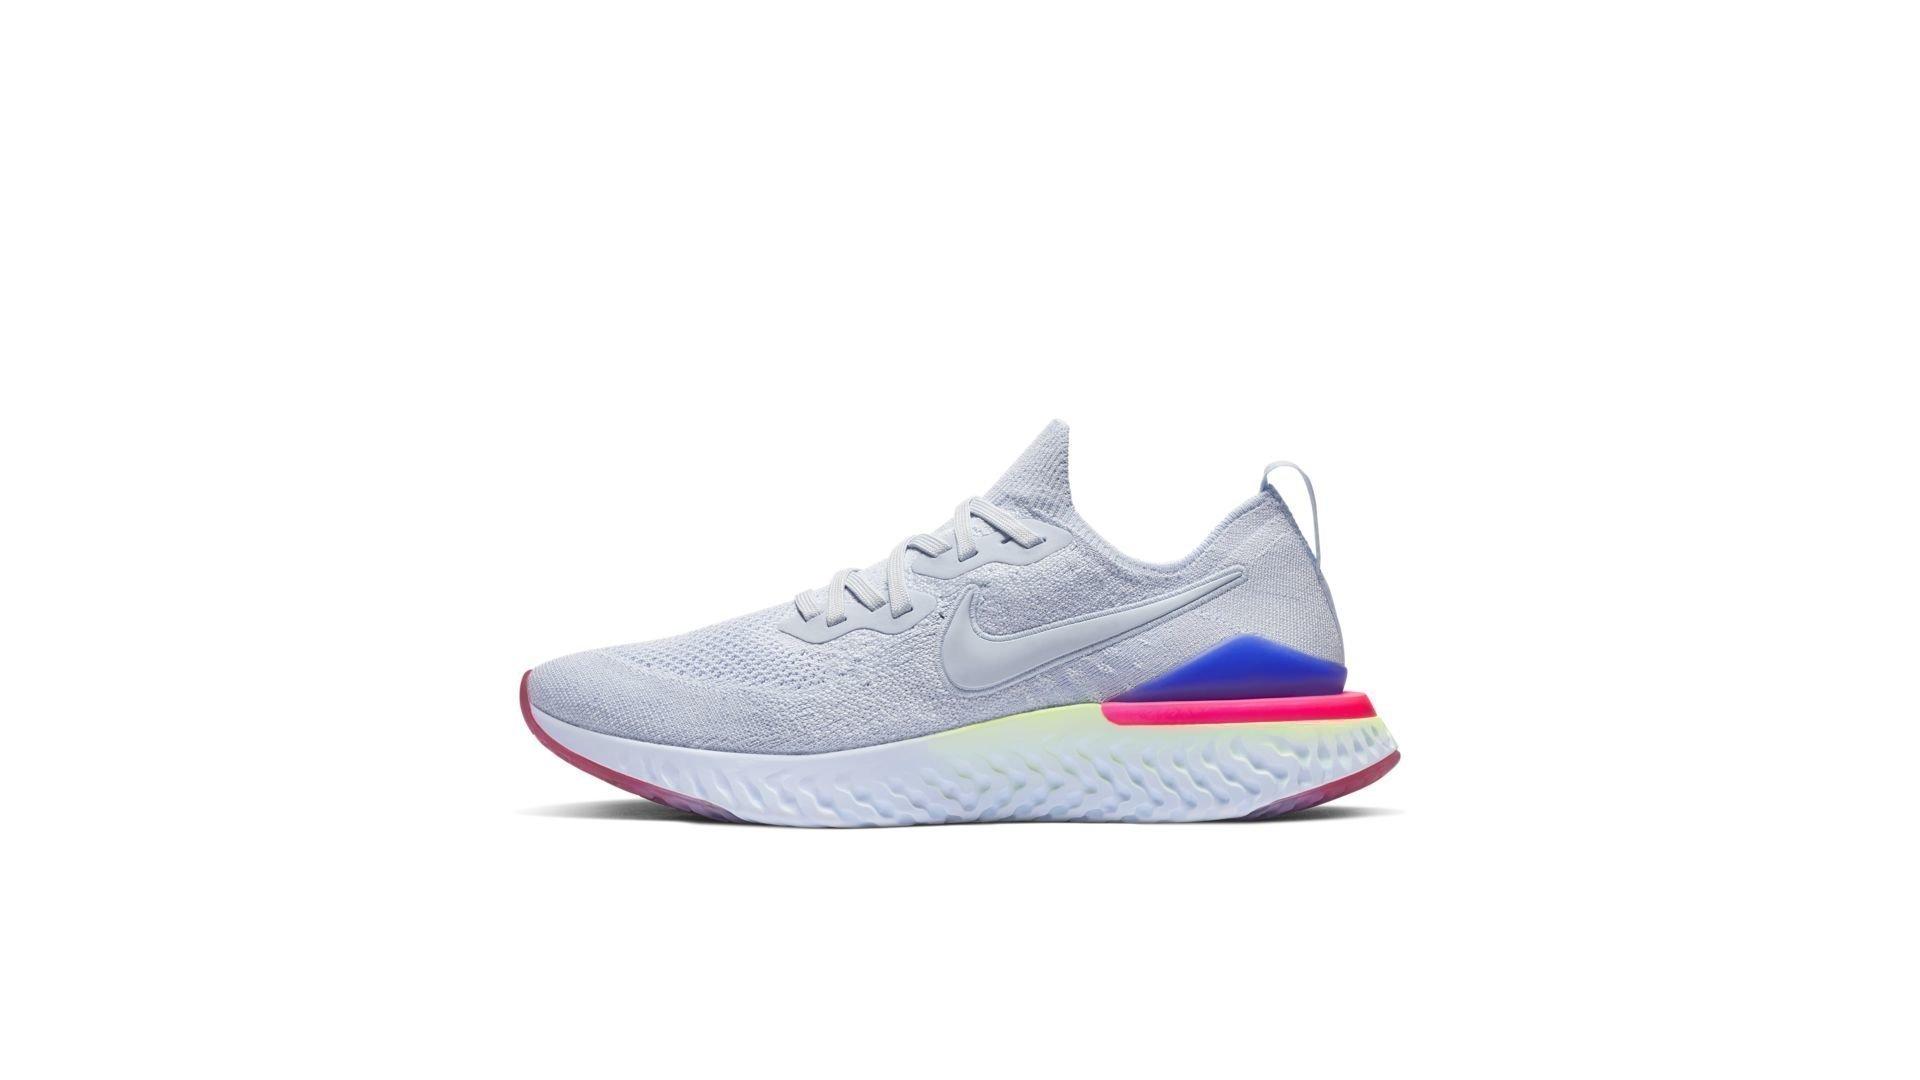 Nike Epic React Flyknit 2 Hydrogen Blue Sapphire Hyper Pink (W) (BQ8927-453)